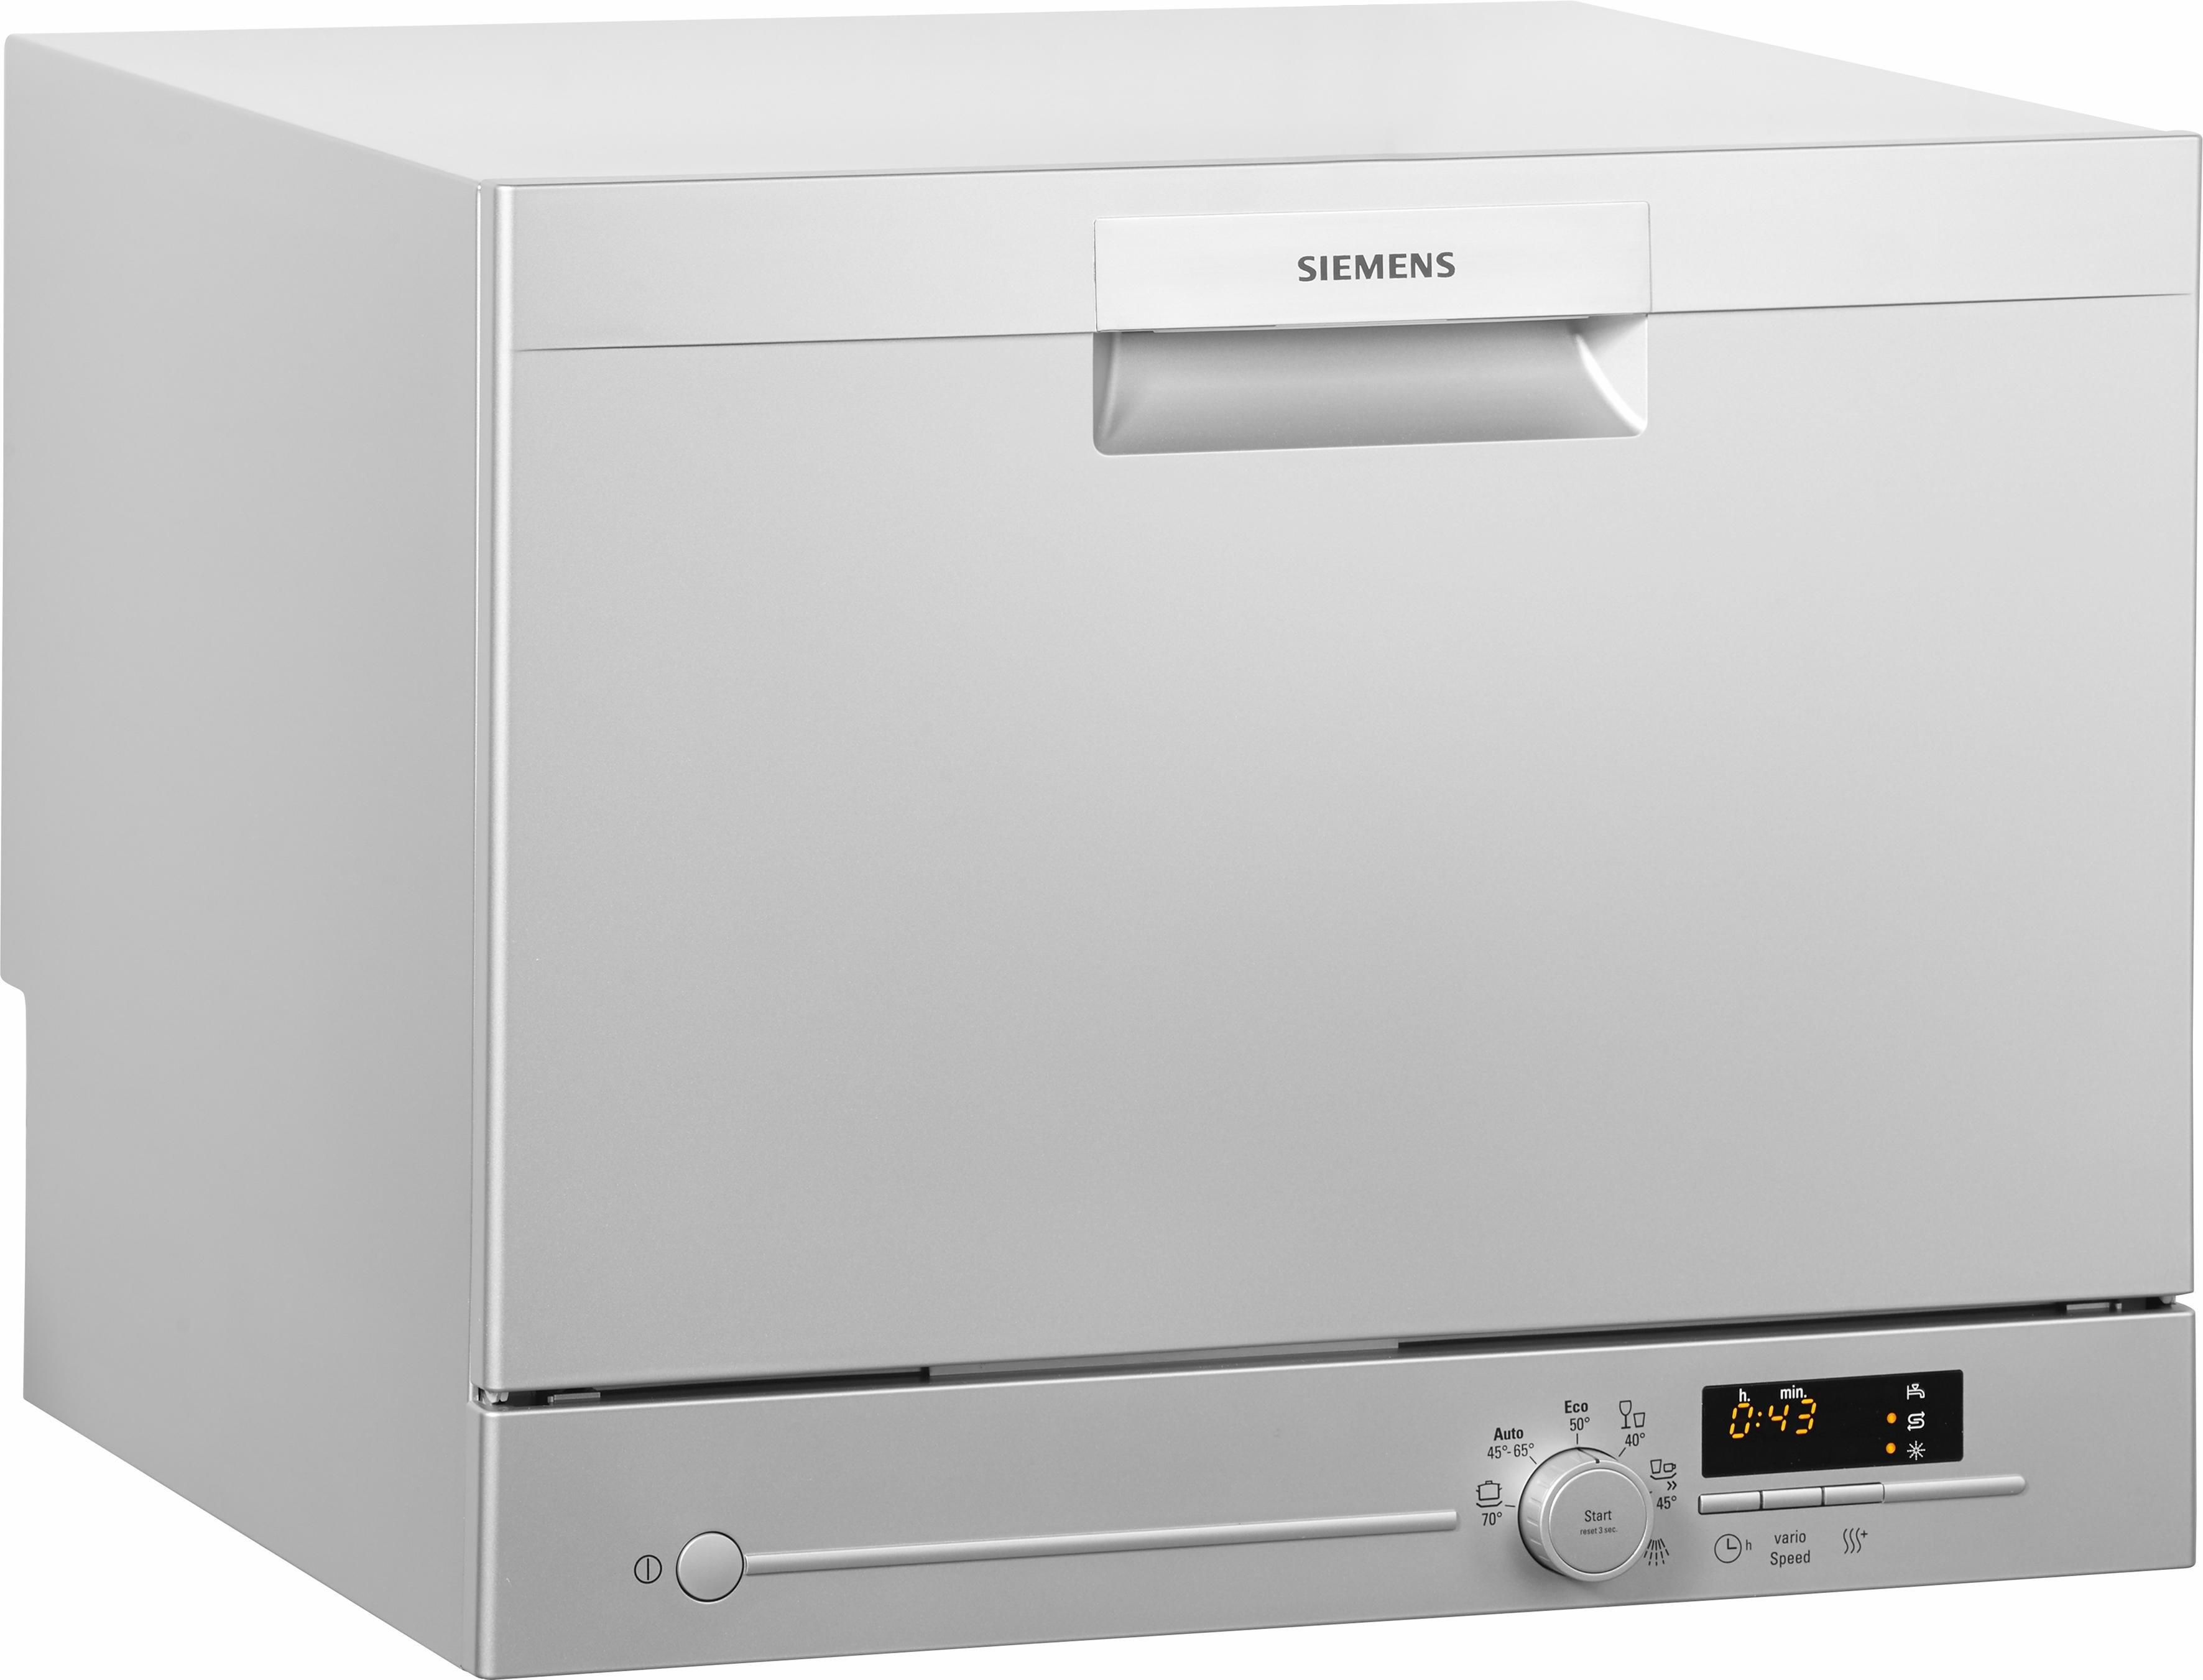 Siemens tafelvaatwasser, 8 liter, 6 standaardcouverts voordelig en veilig online kopen